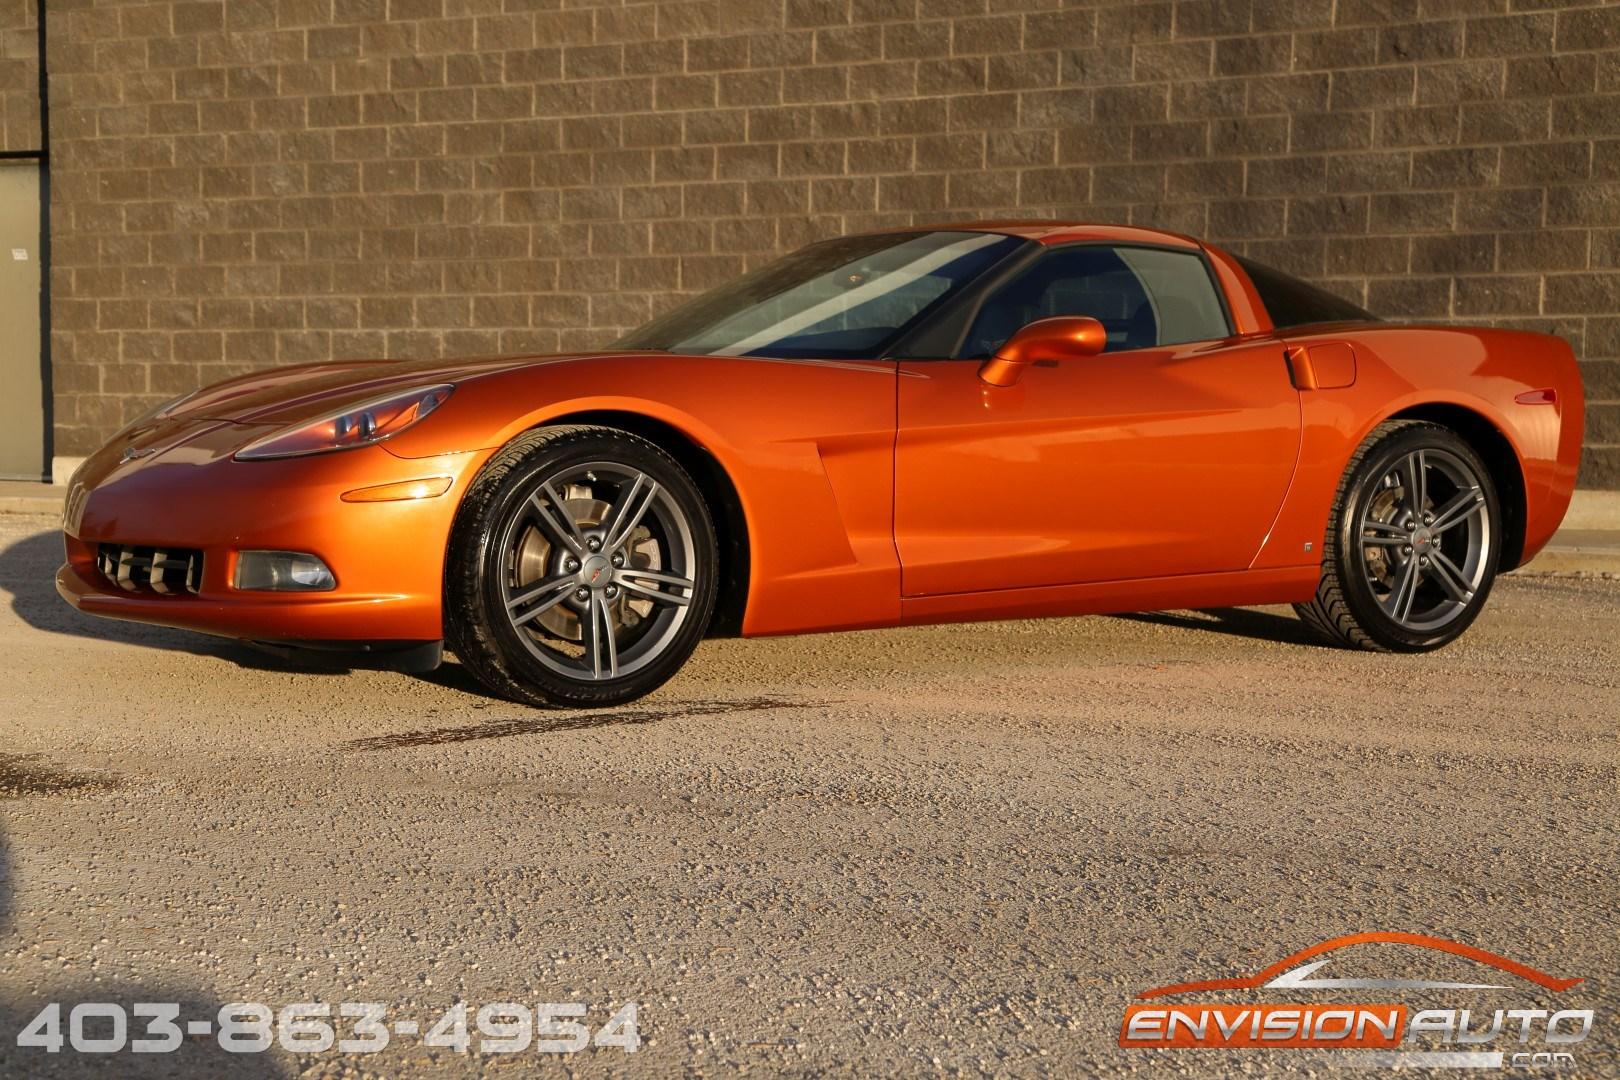 Chevrolet Corvette Coupe LT Automatic Envision Auto - Automatic sports cars